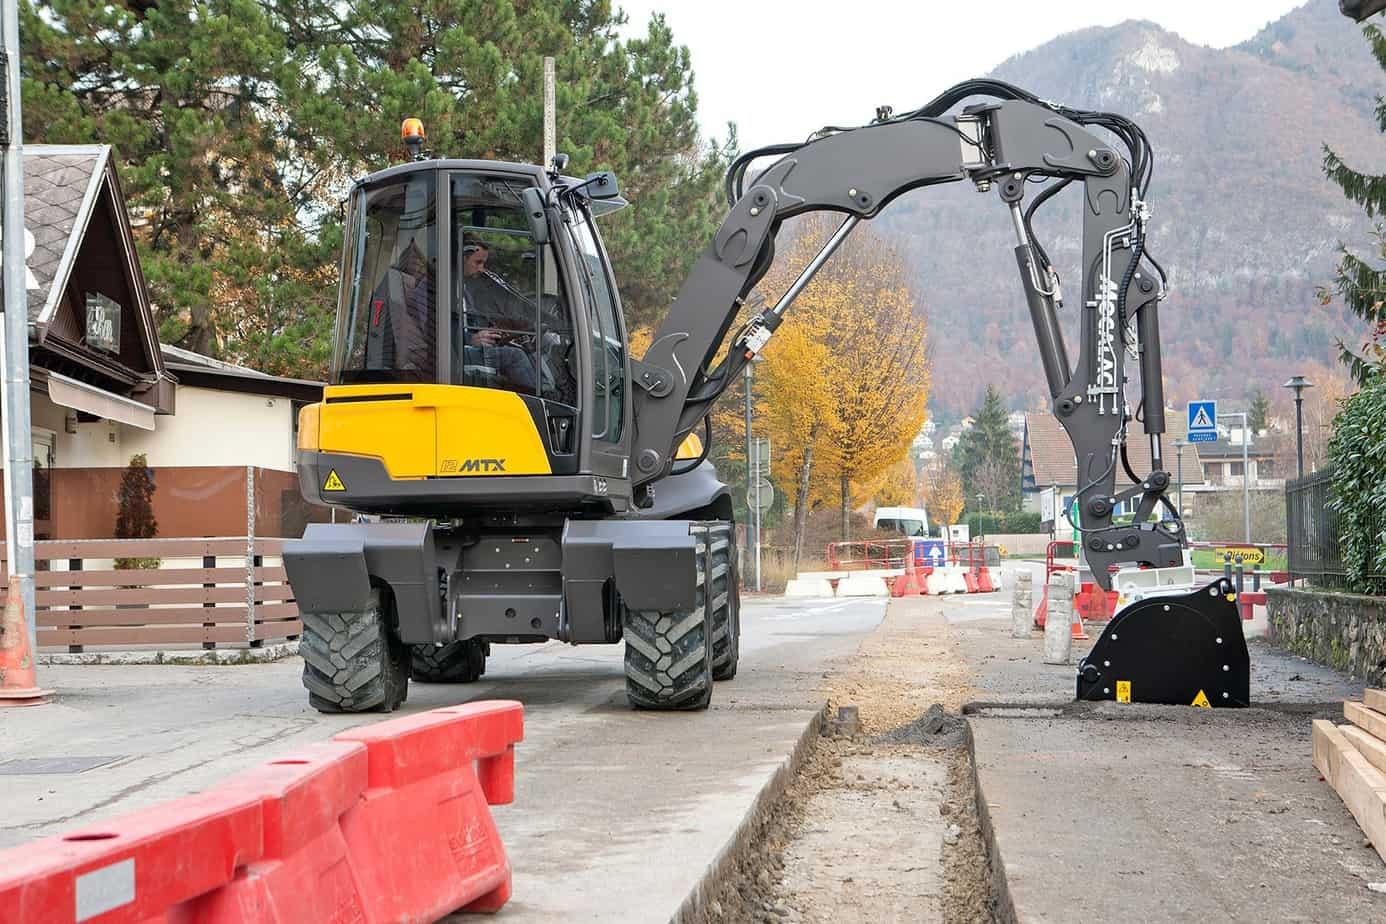 La nuova 12MTX innovativa al lavoro su un cantiere urbano